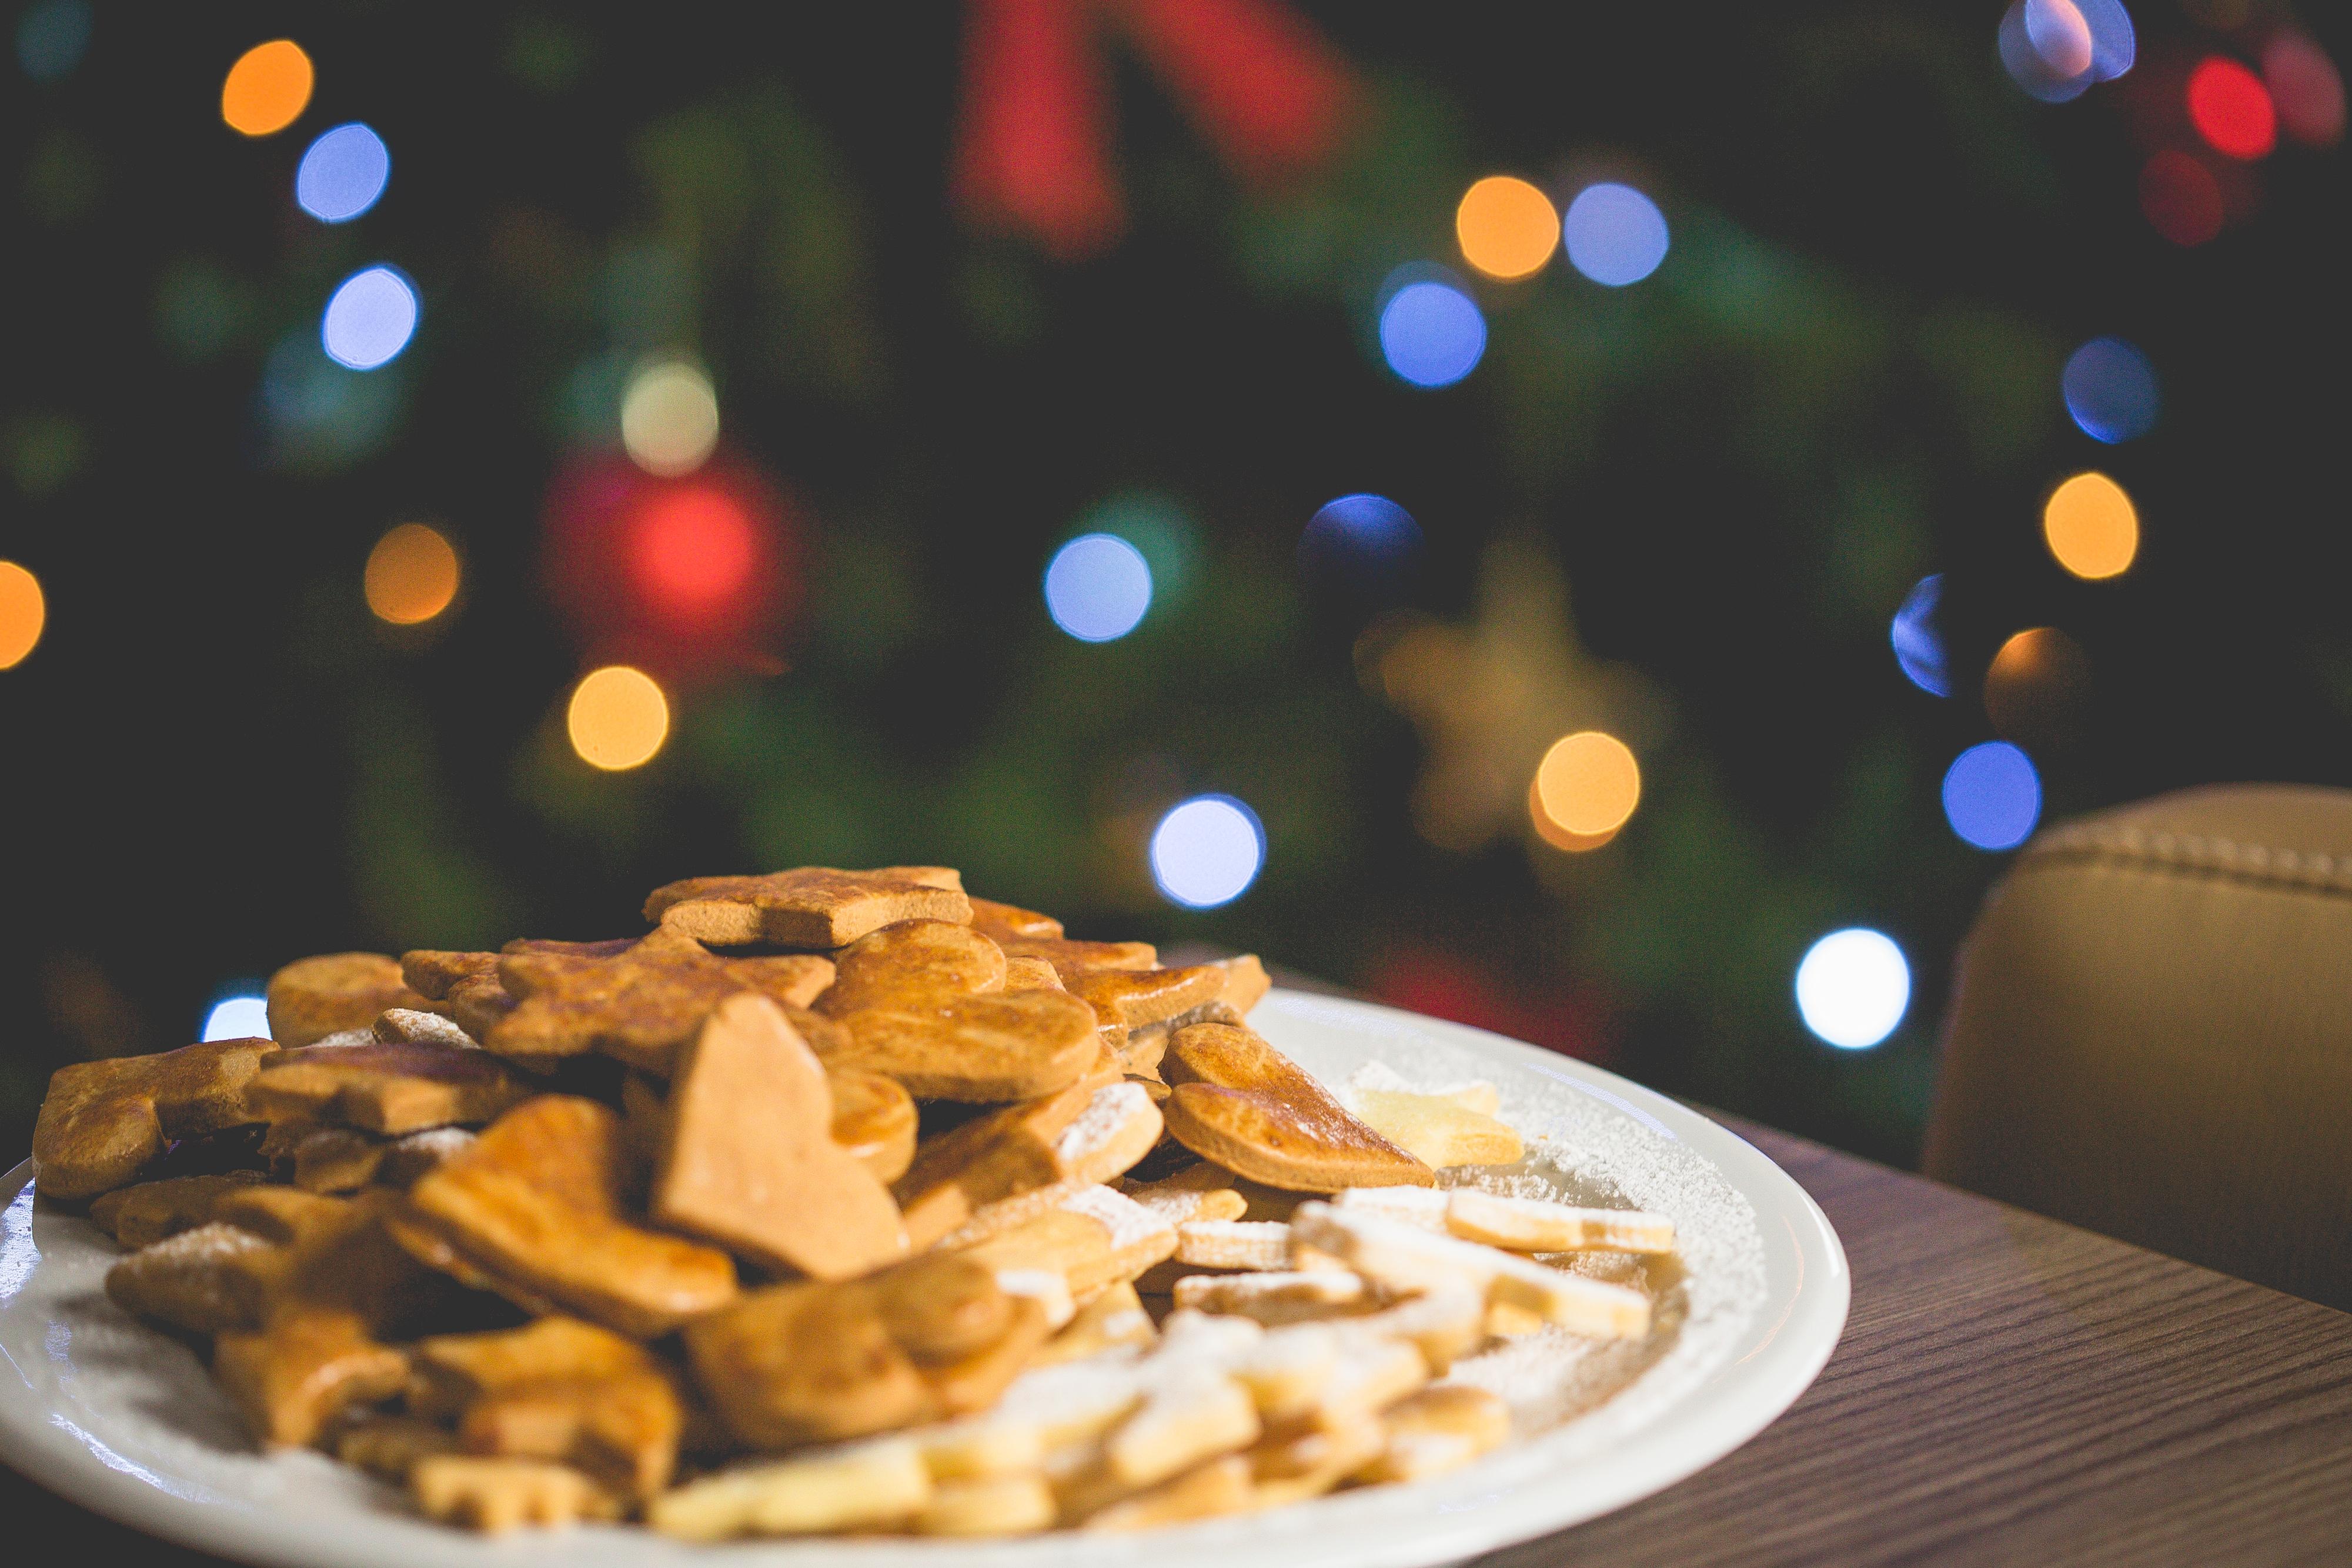 christmas-sweets-with-christmas-tree-picjumbo-com